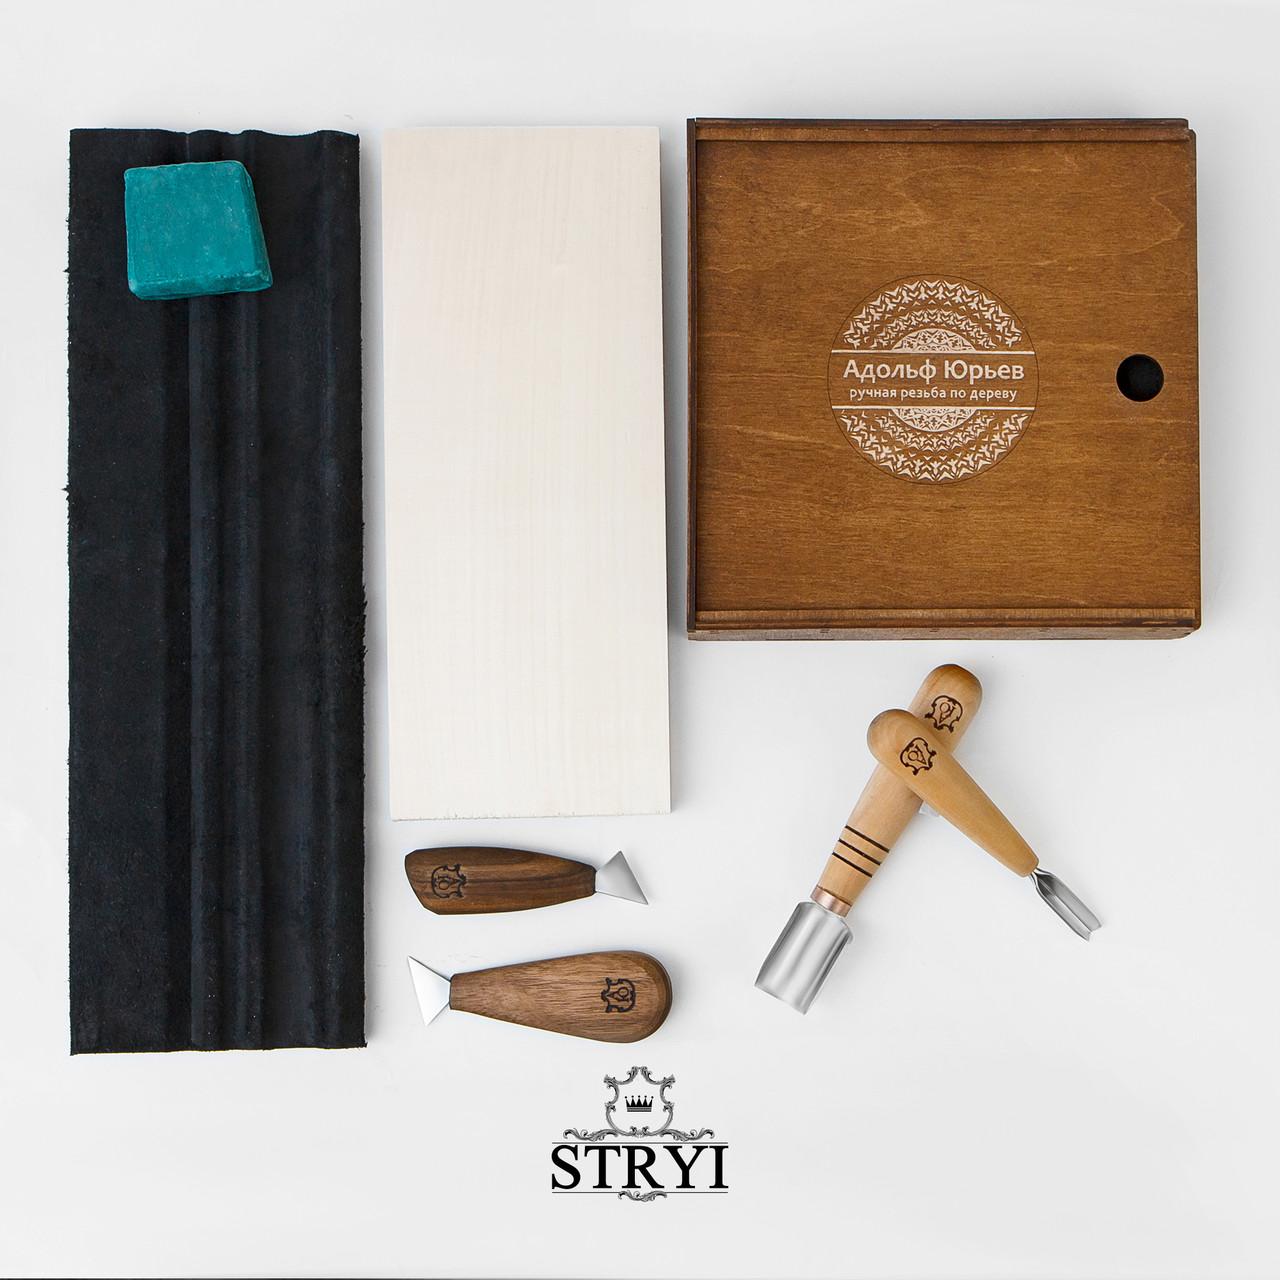 Набор стамесок для резьбы по дереву для начинающего от производителя STRYI